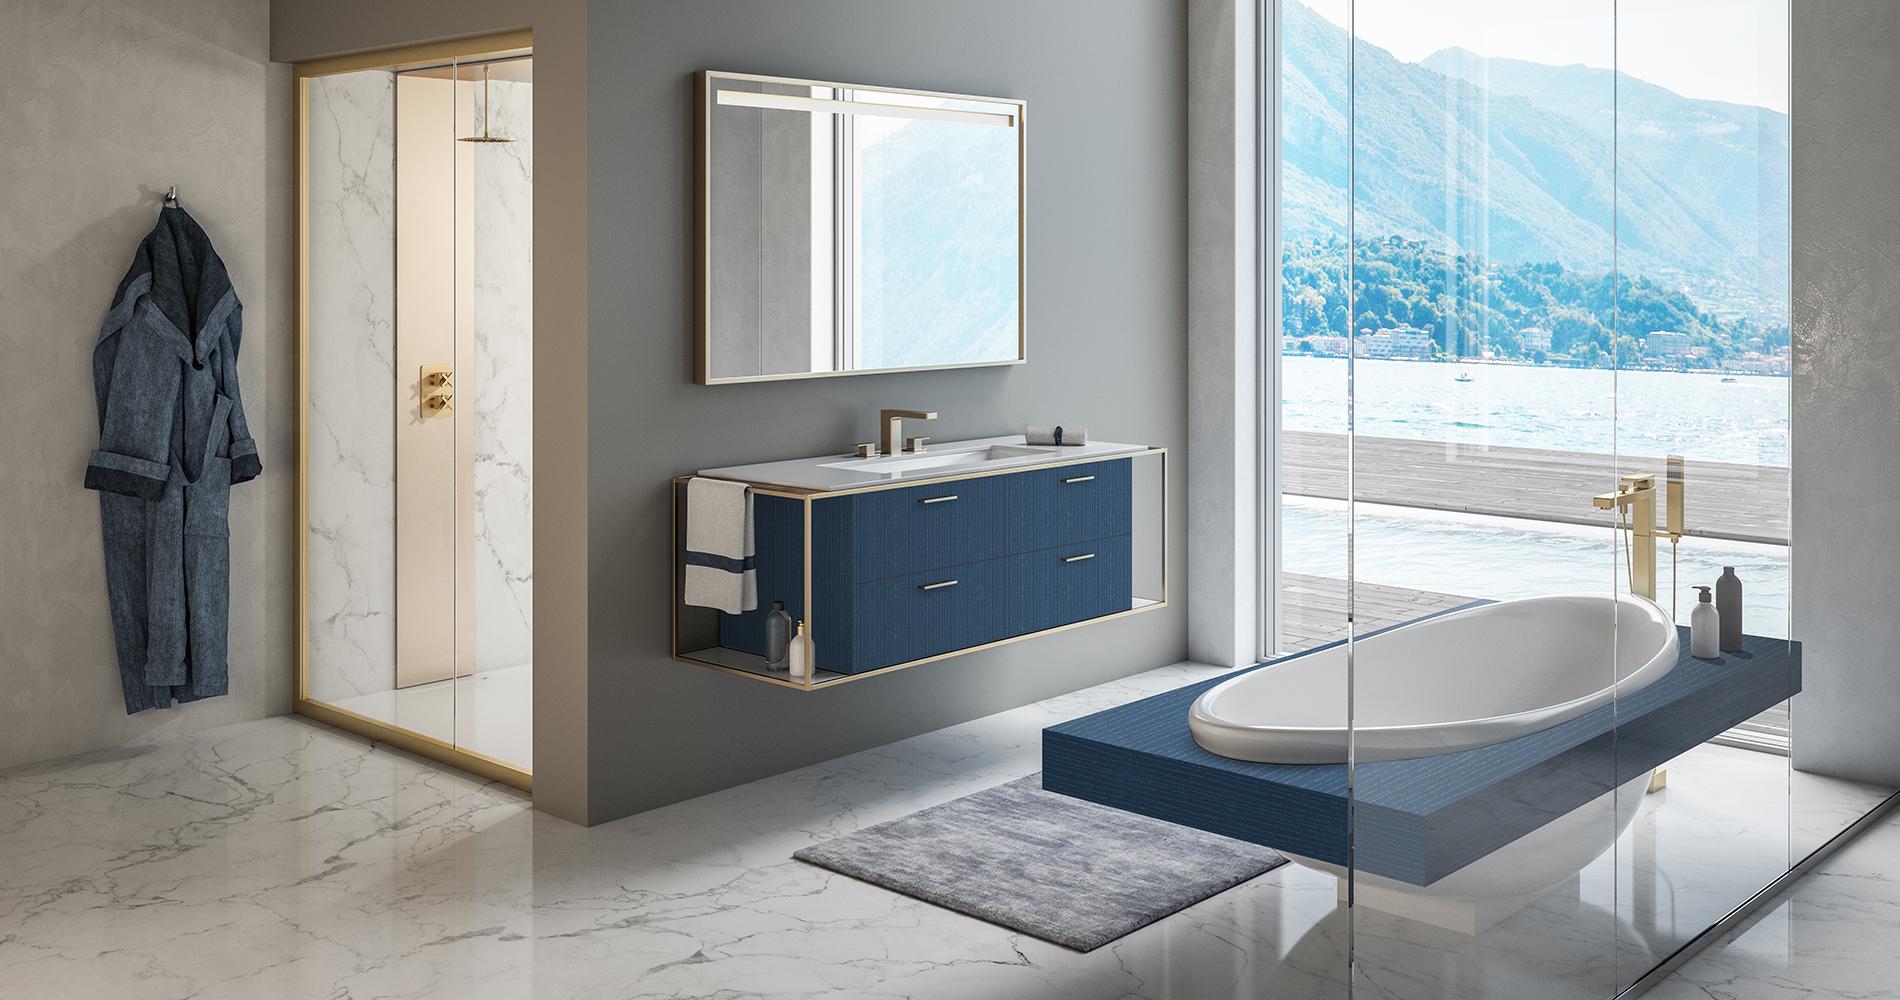 Linea vanity + Suave tub